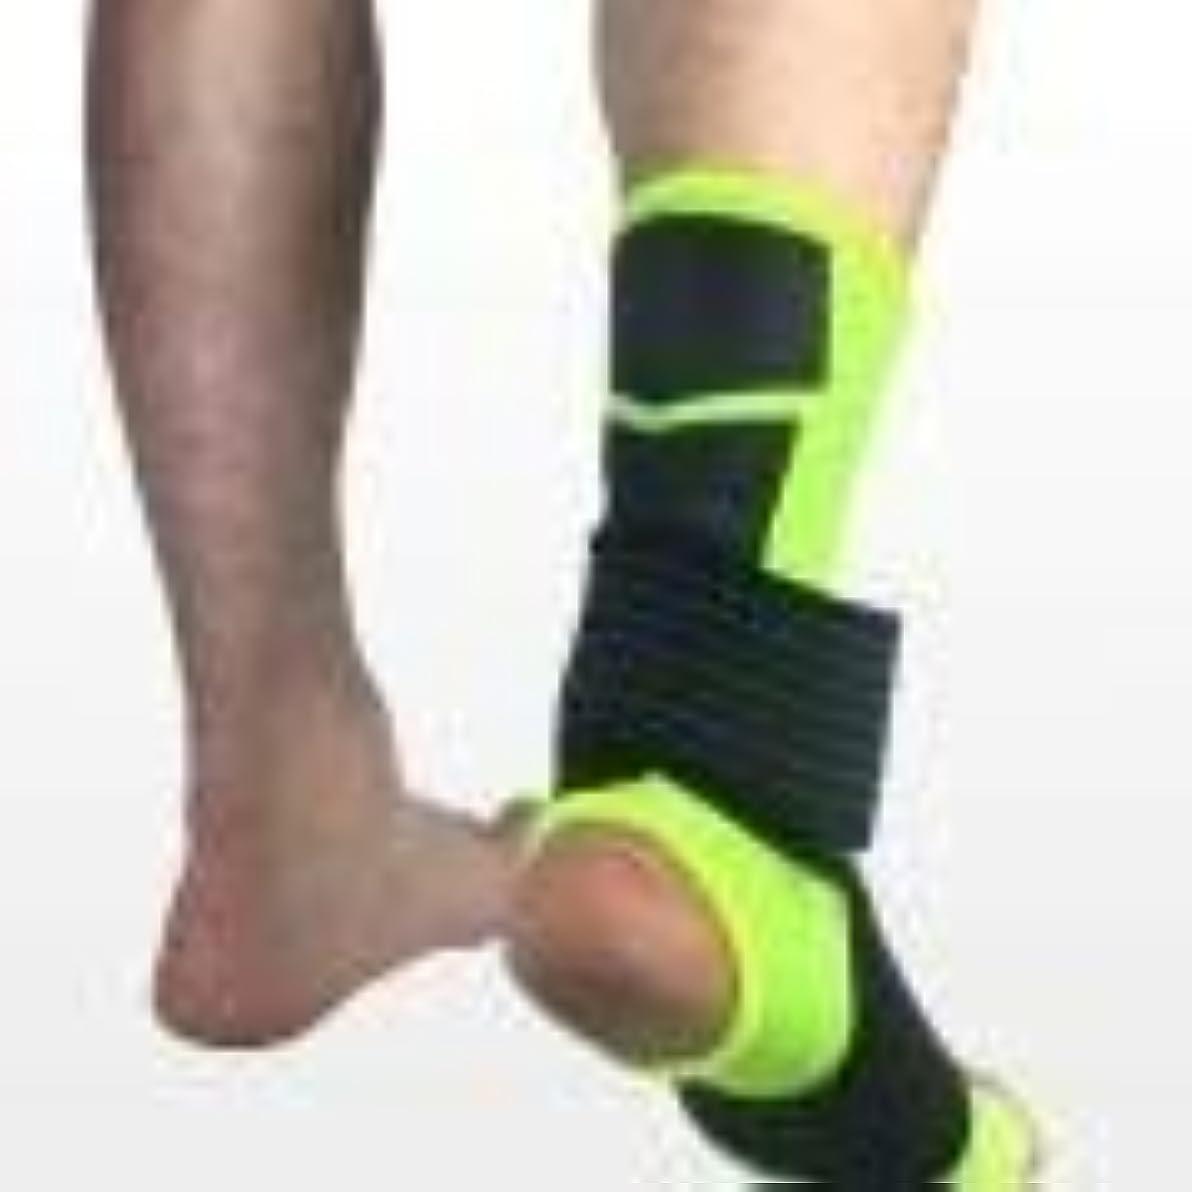 ラグオーチャード消毒するスポーツ足首装具圧縮サポートスリーブw/無料足首ストラップアキレス腱サポート、靭帯損傷の足首サポート (Color : B, Size : L)